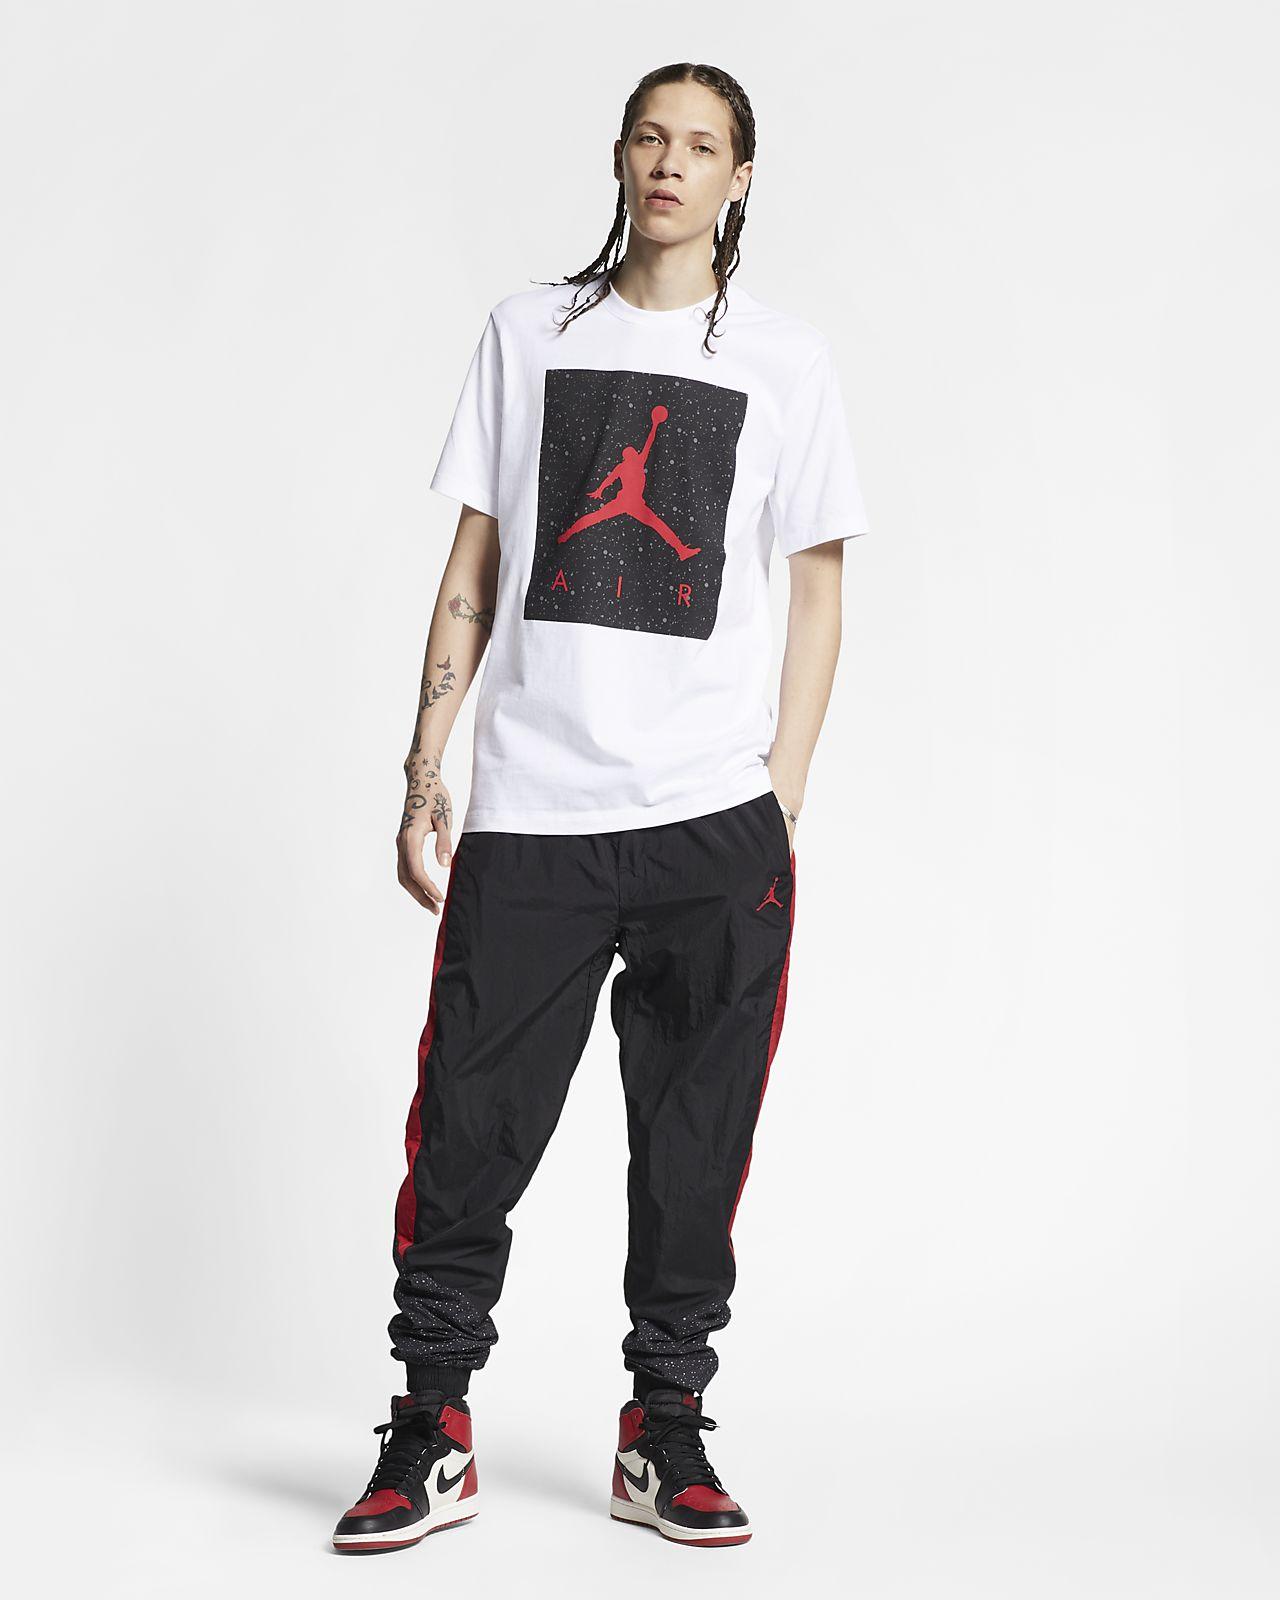 61b59e2d1ab93e Jordan Poolside Men's T-Shirt. Nike.com LU